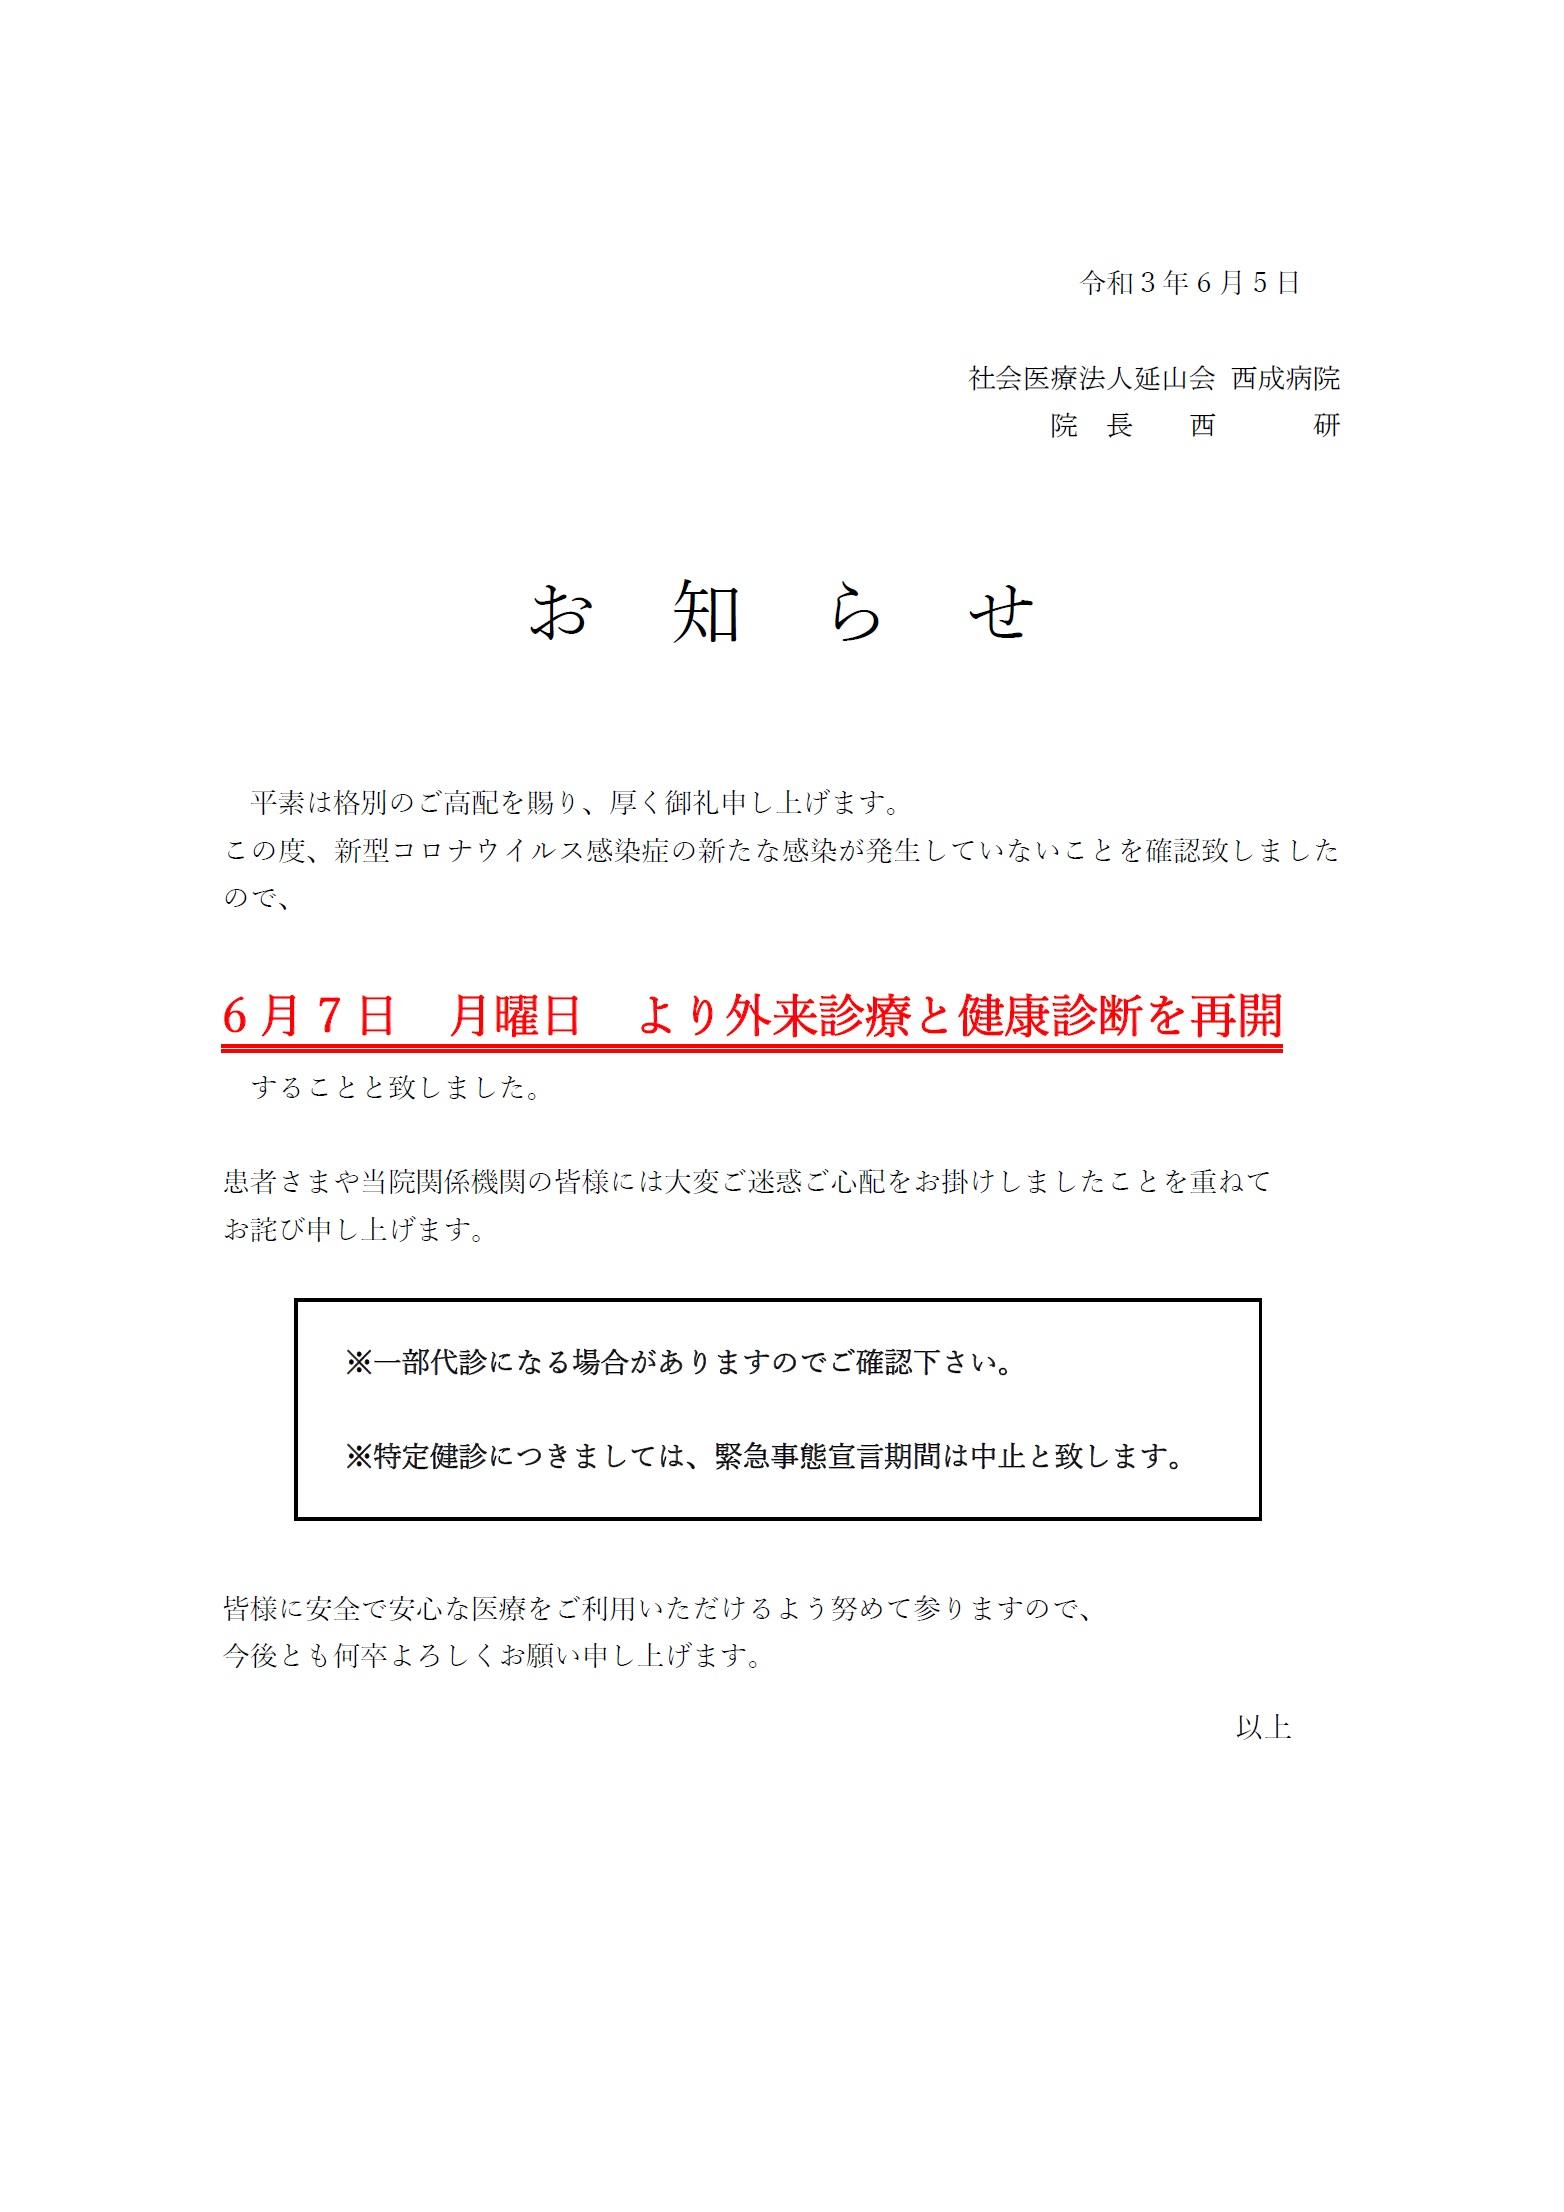 お知らせR3.6.5.jpg